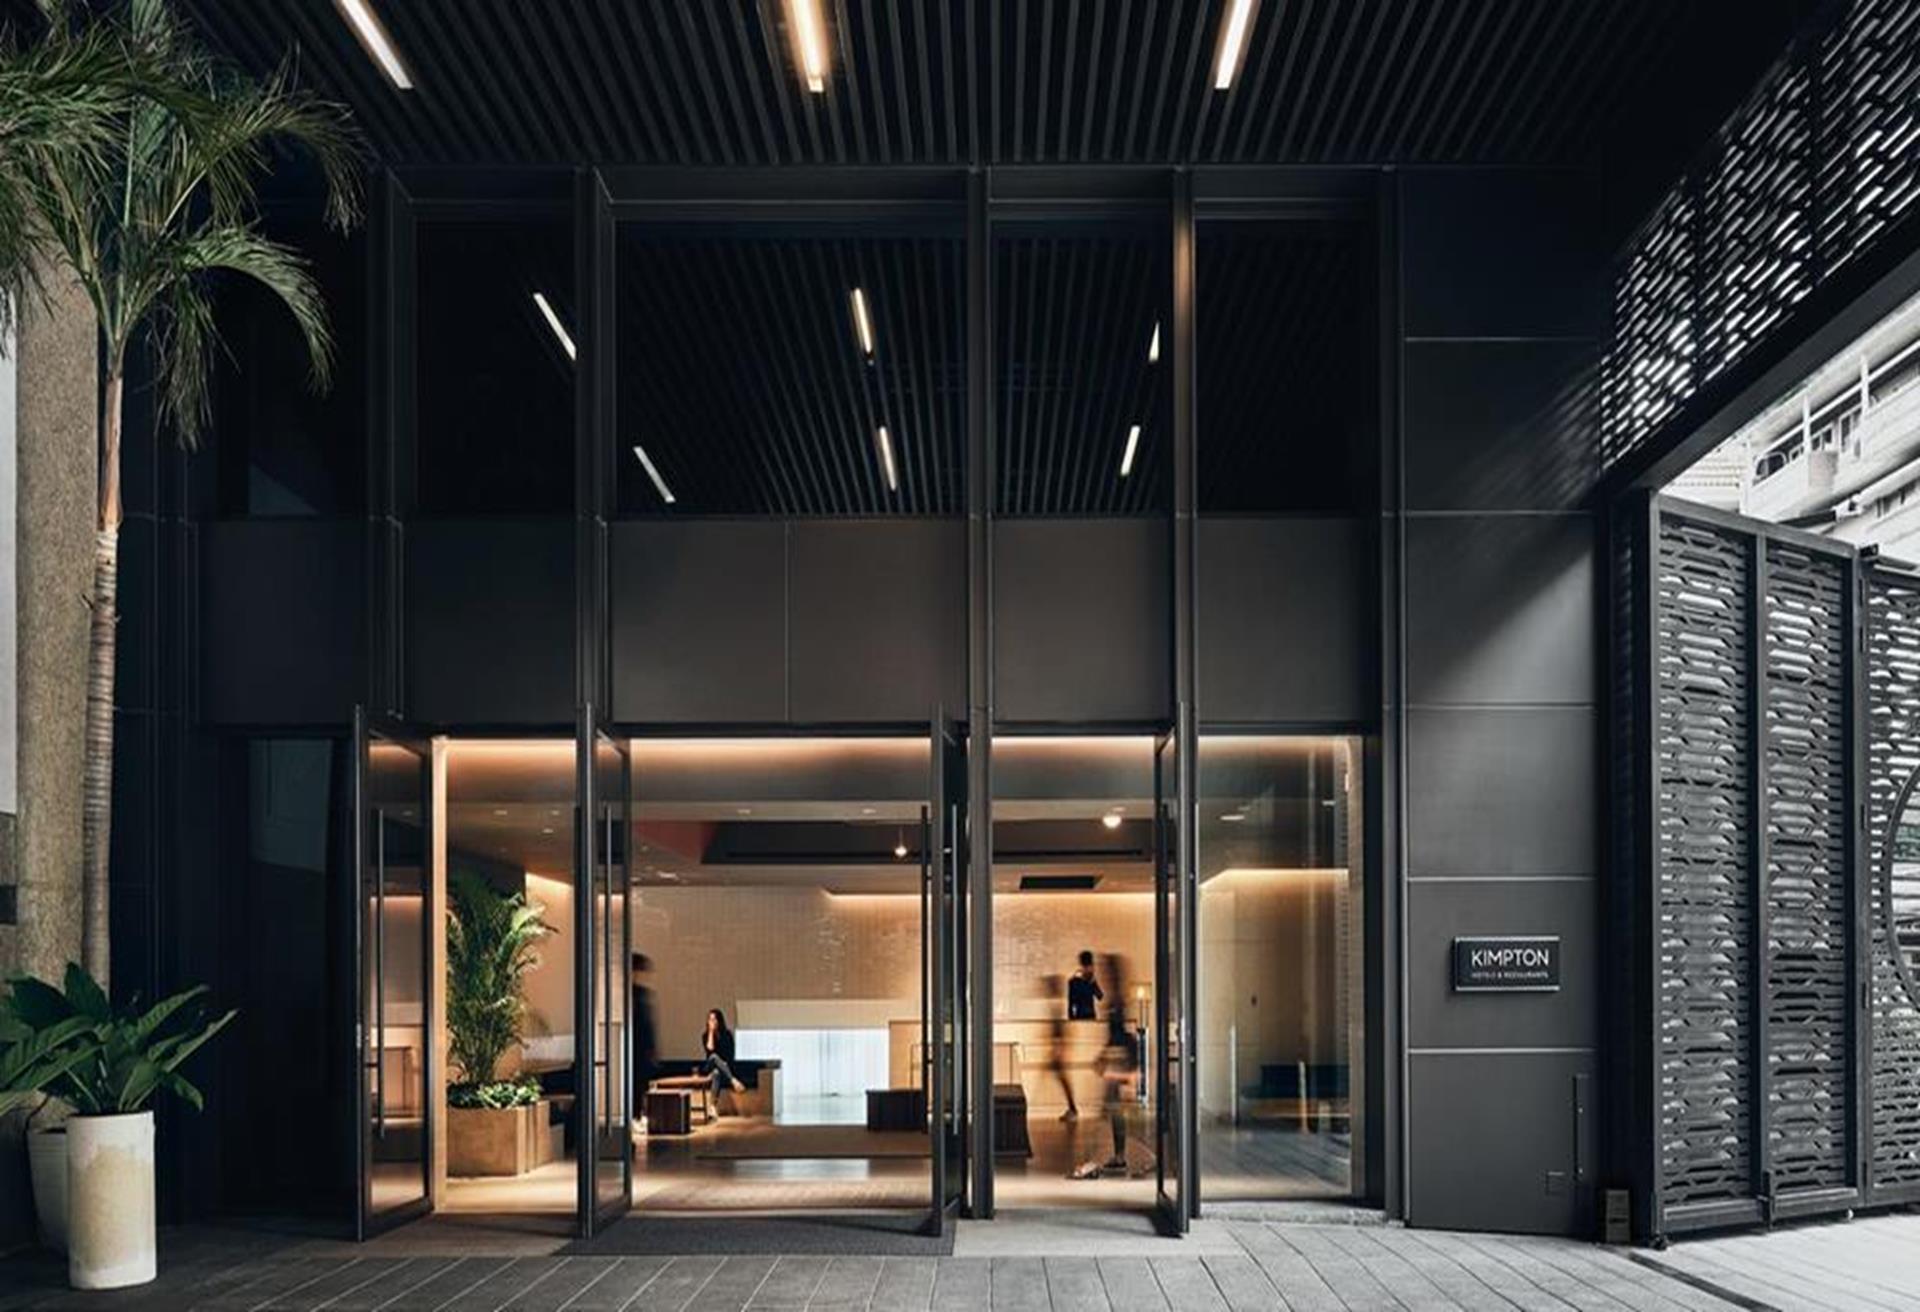 金普頓大安酒店,台北米其林飯店,台北寵物友善飯店,台北新飯店2021